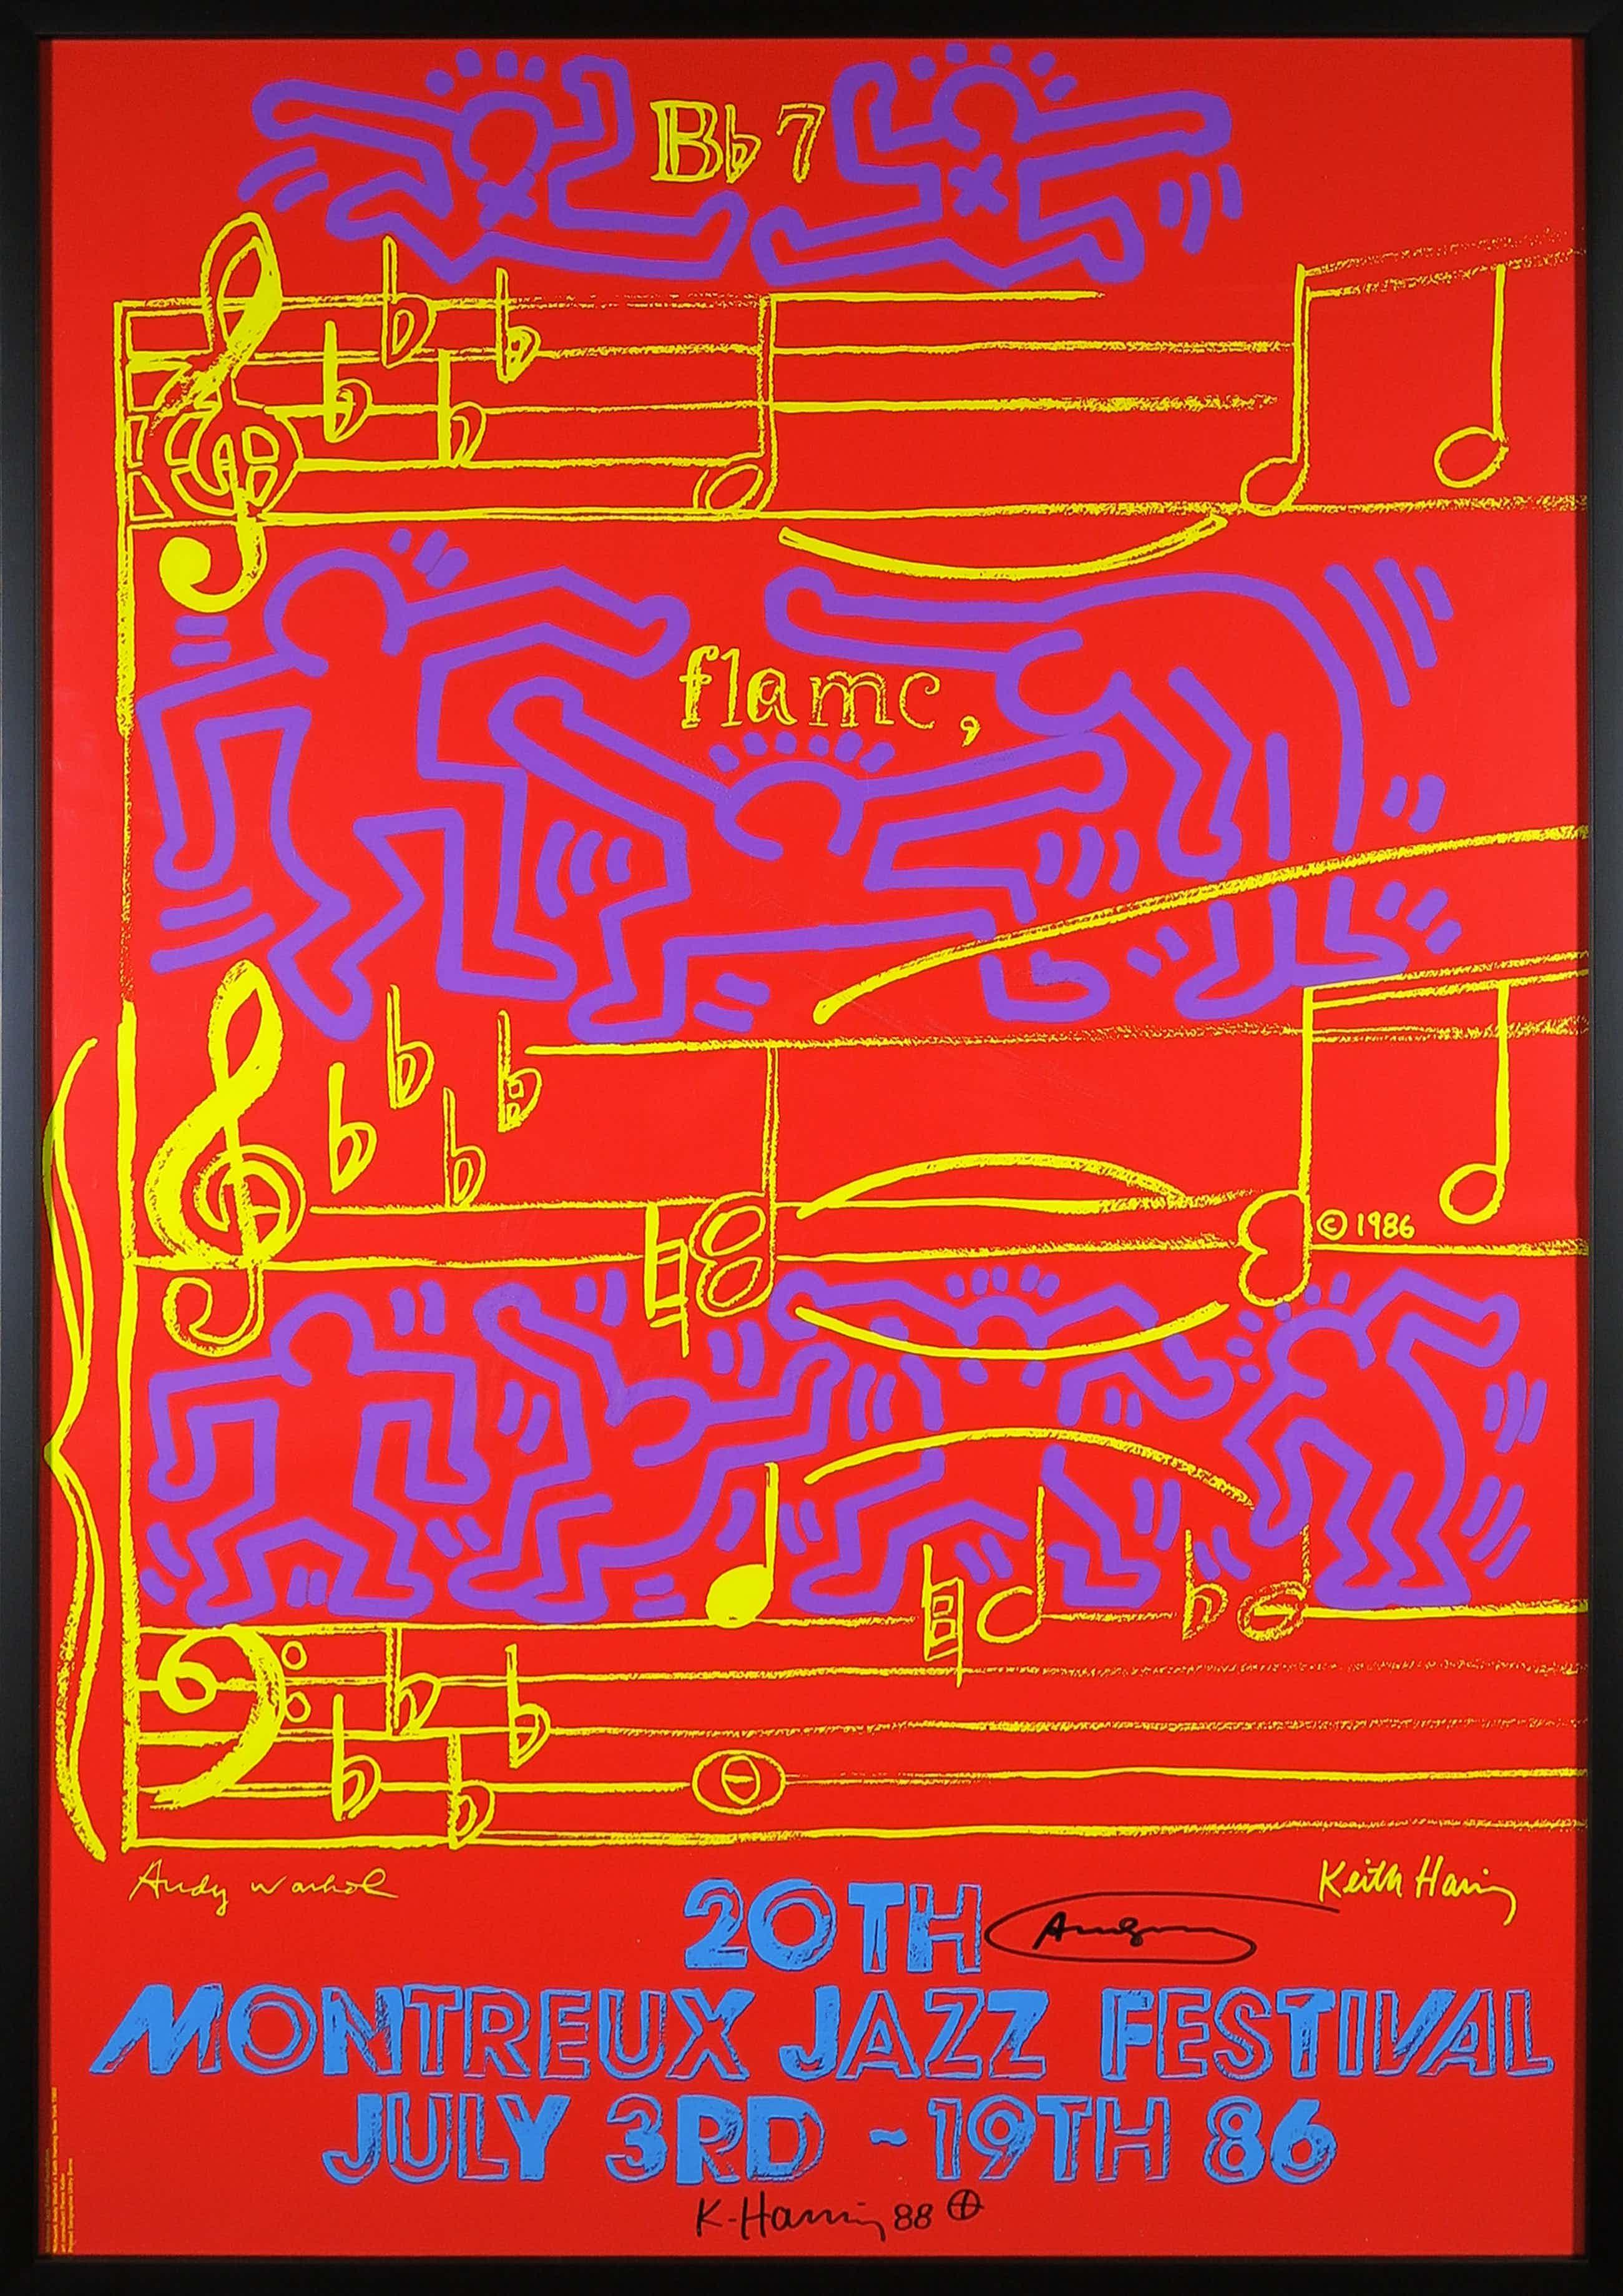 Andy Warhol - & Keith Haring - Handgesigneerde zeefdruk, 20th Montreux Jazz Festival - Ingelijst kopen? Bied vanaf 2620!